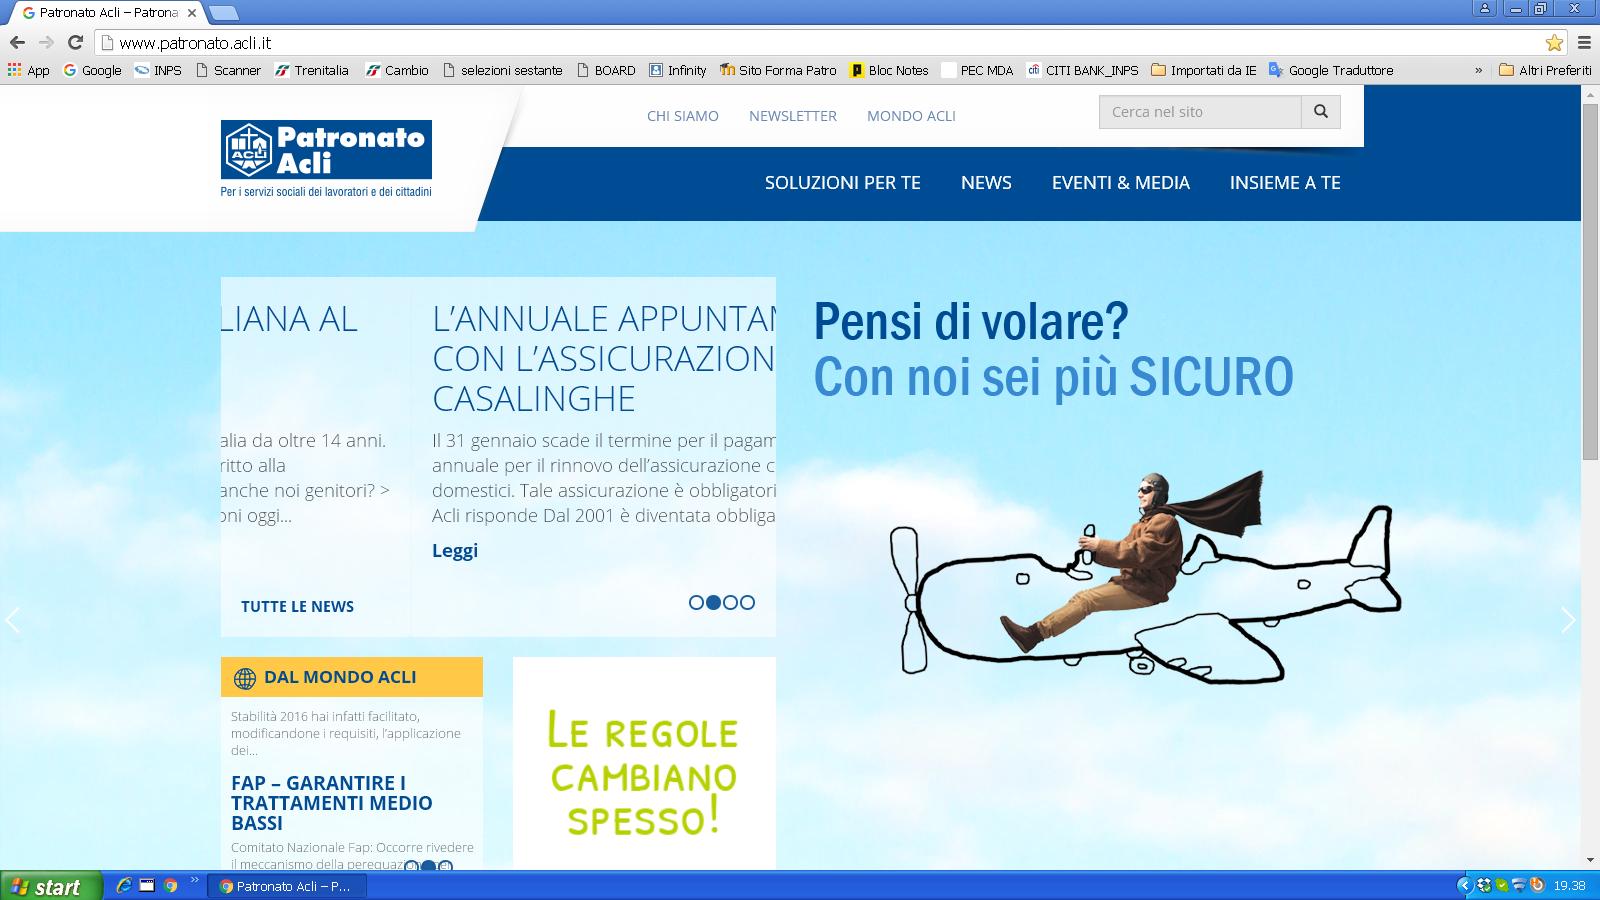 Nuovo sito web Patronato Acli